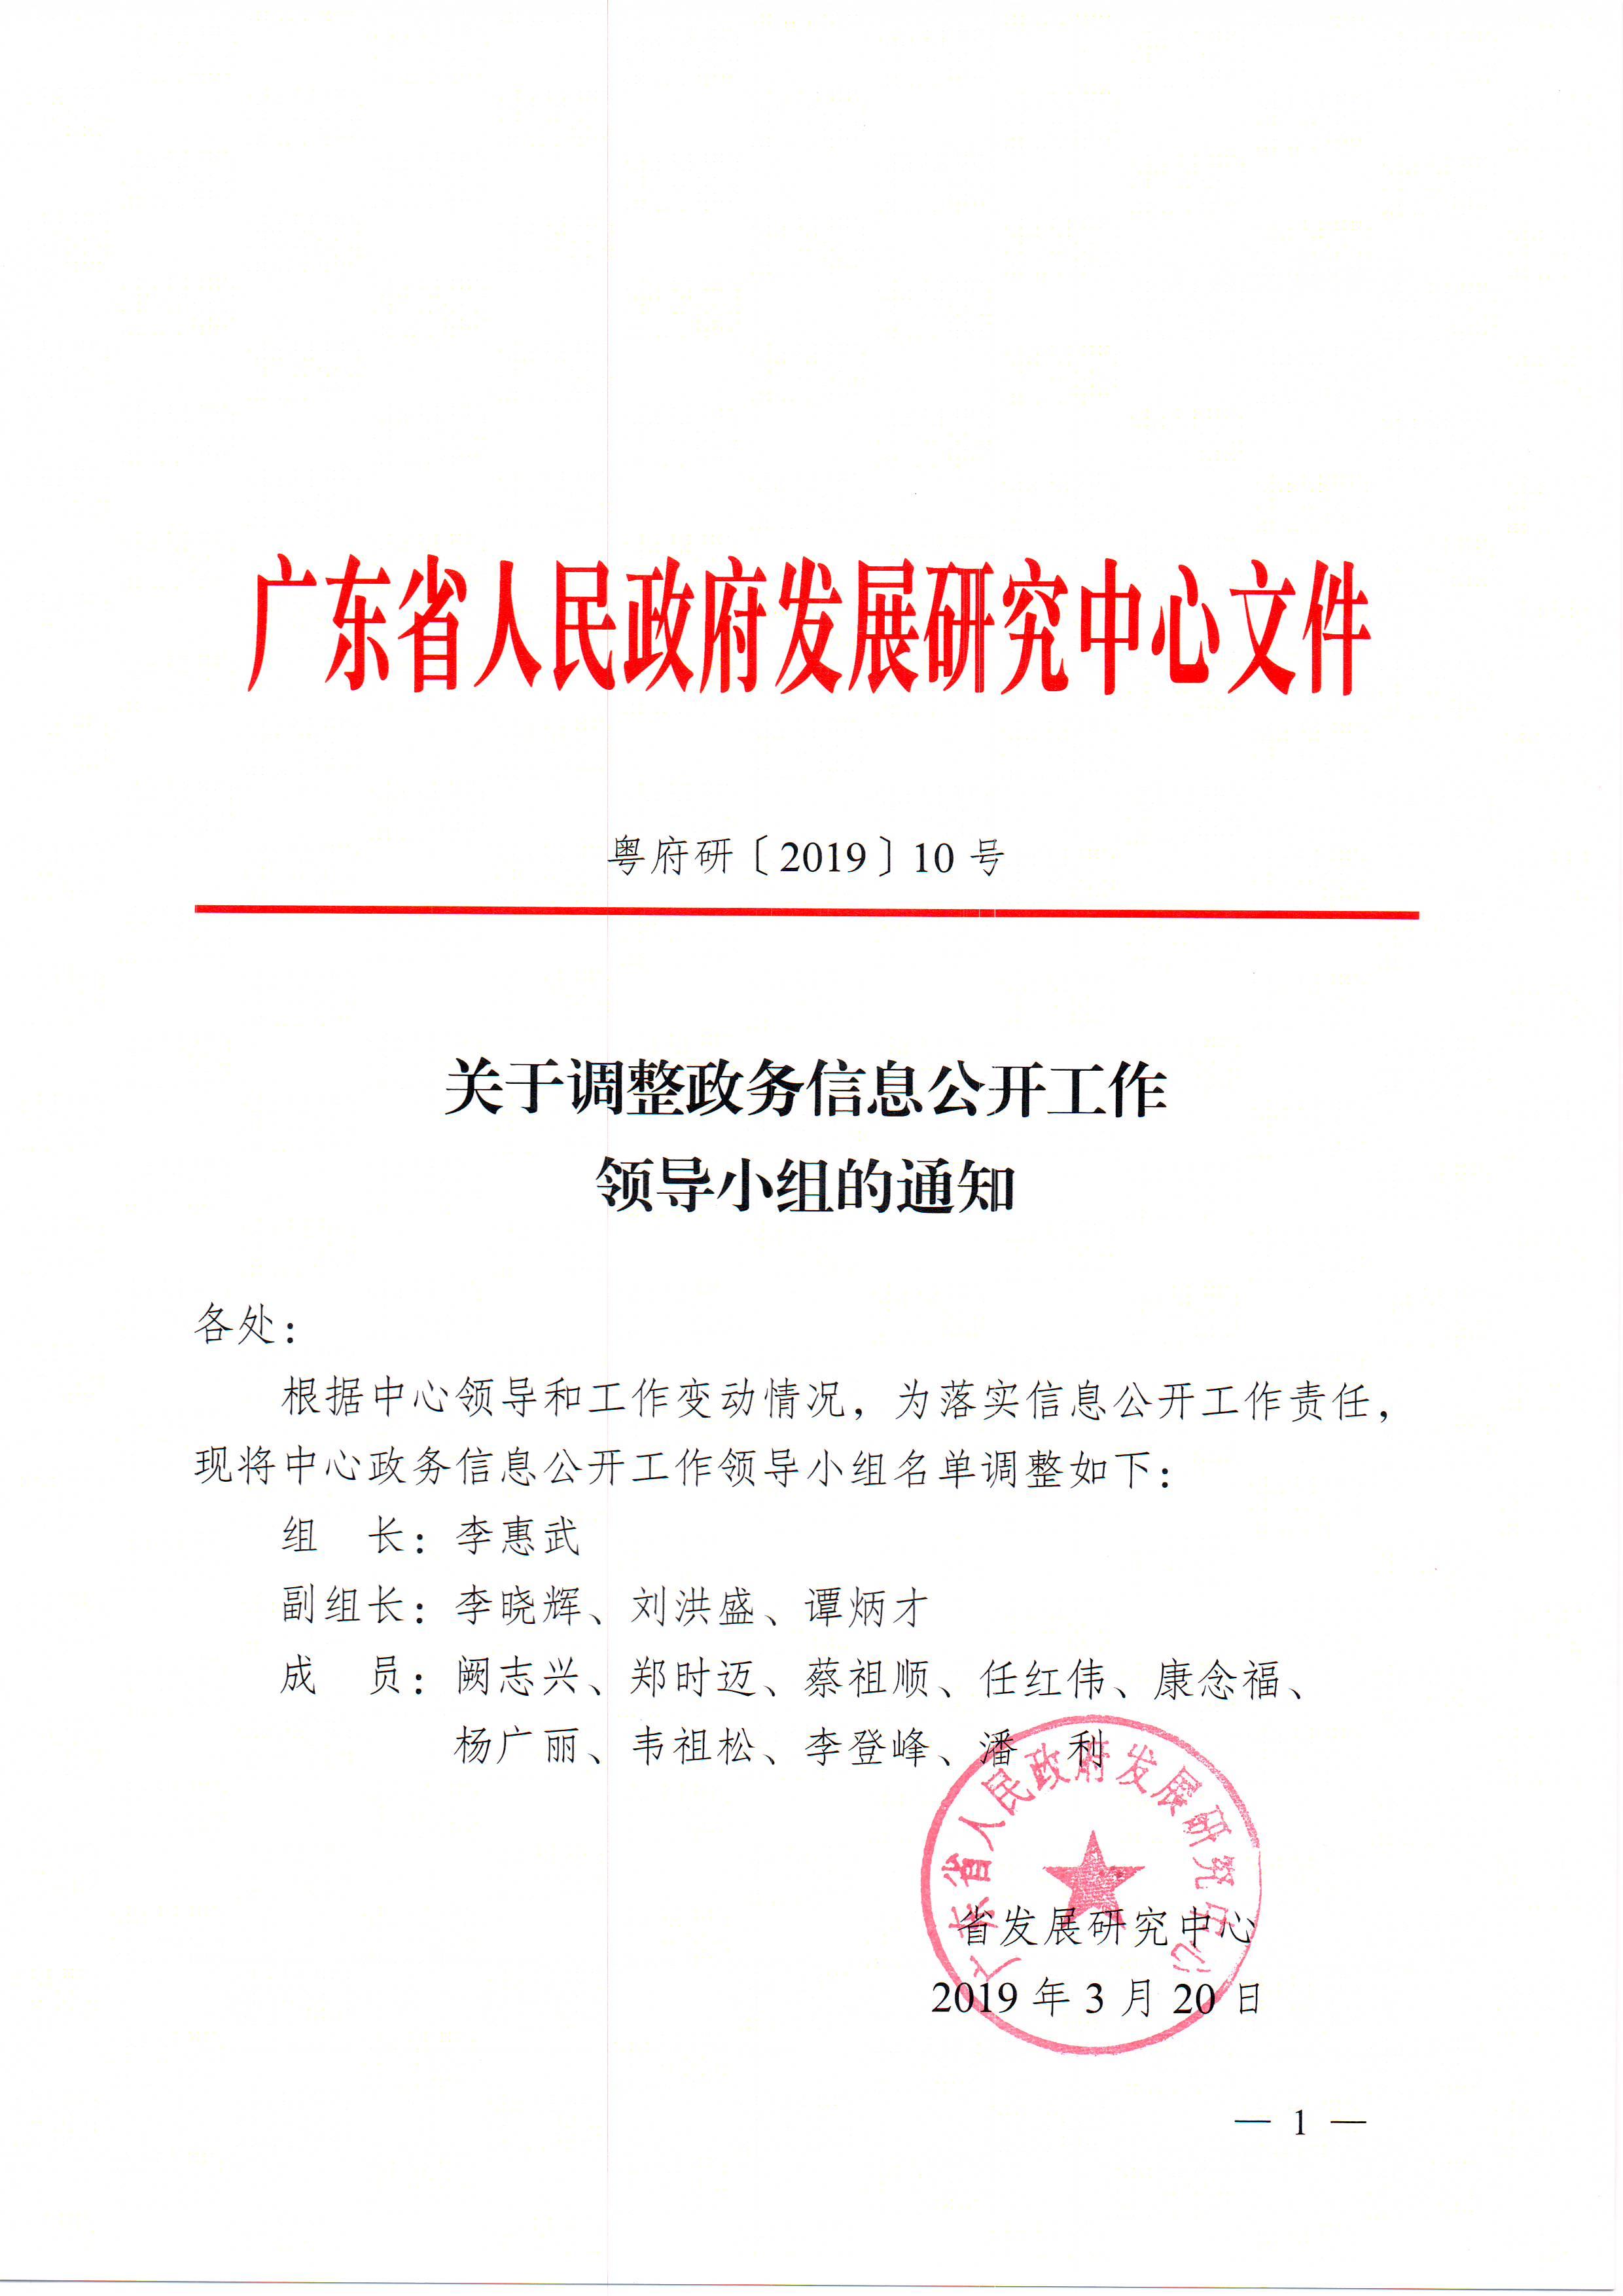 关于调整政务信息公开工作领导小组的通知.JPG